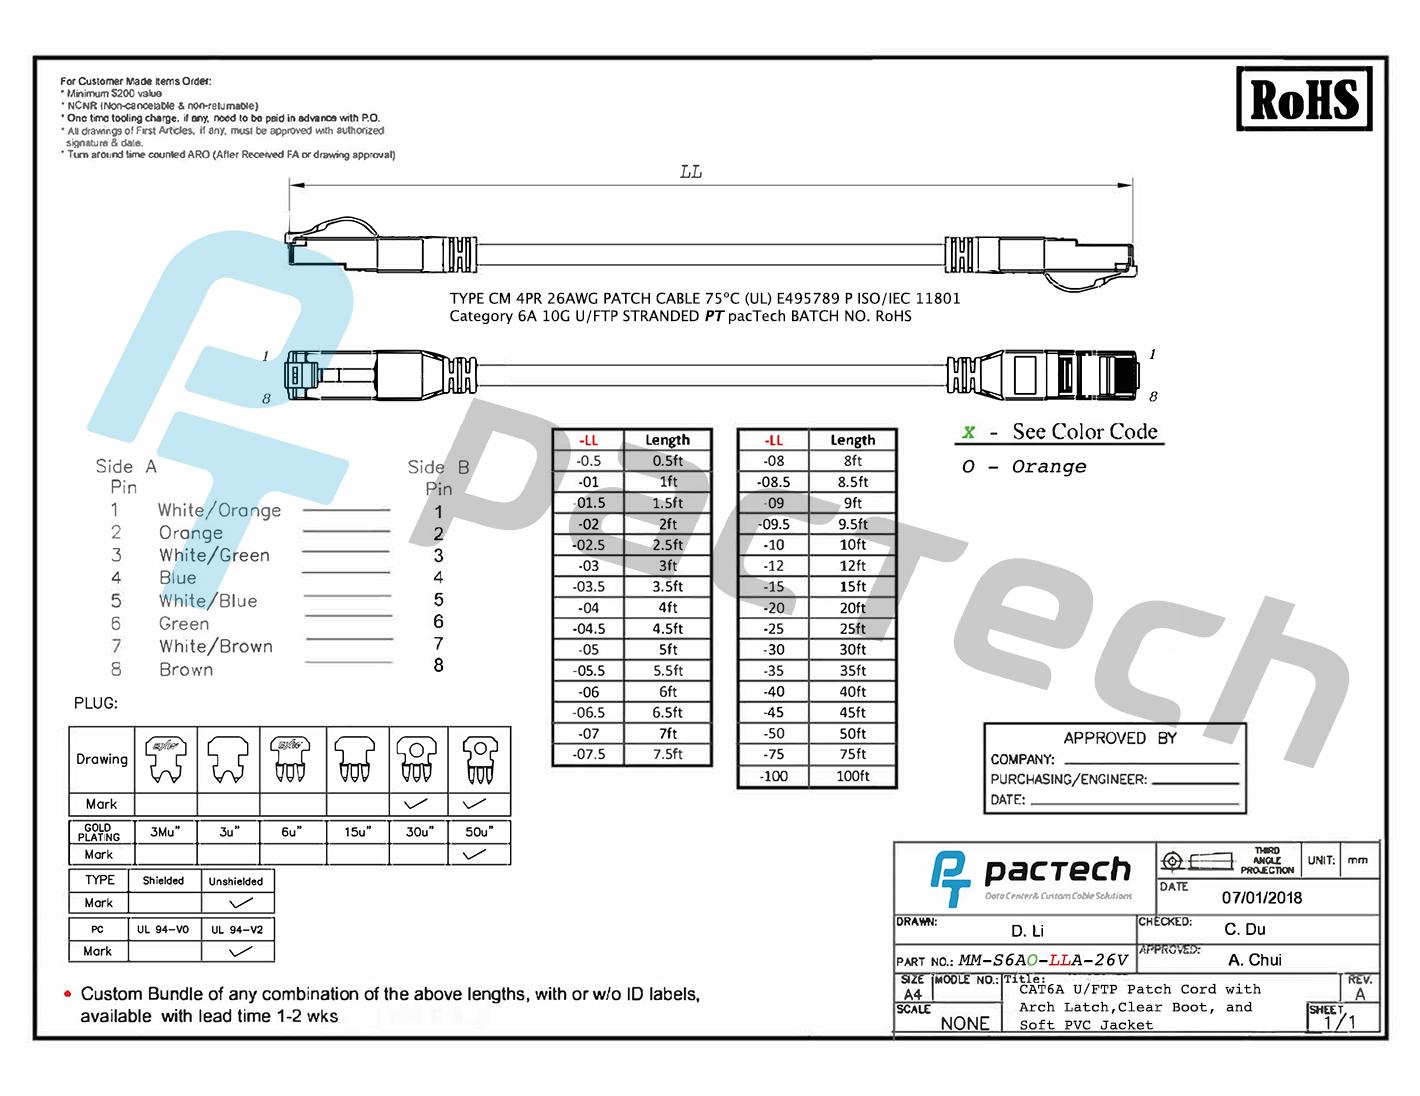 Arch Latch Rj45 Connectors Cat6a Soft Pvc Cable